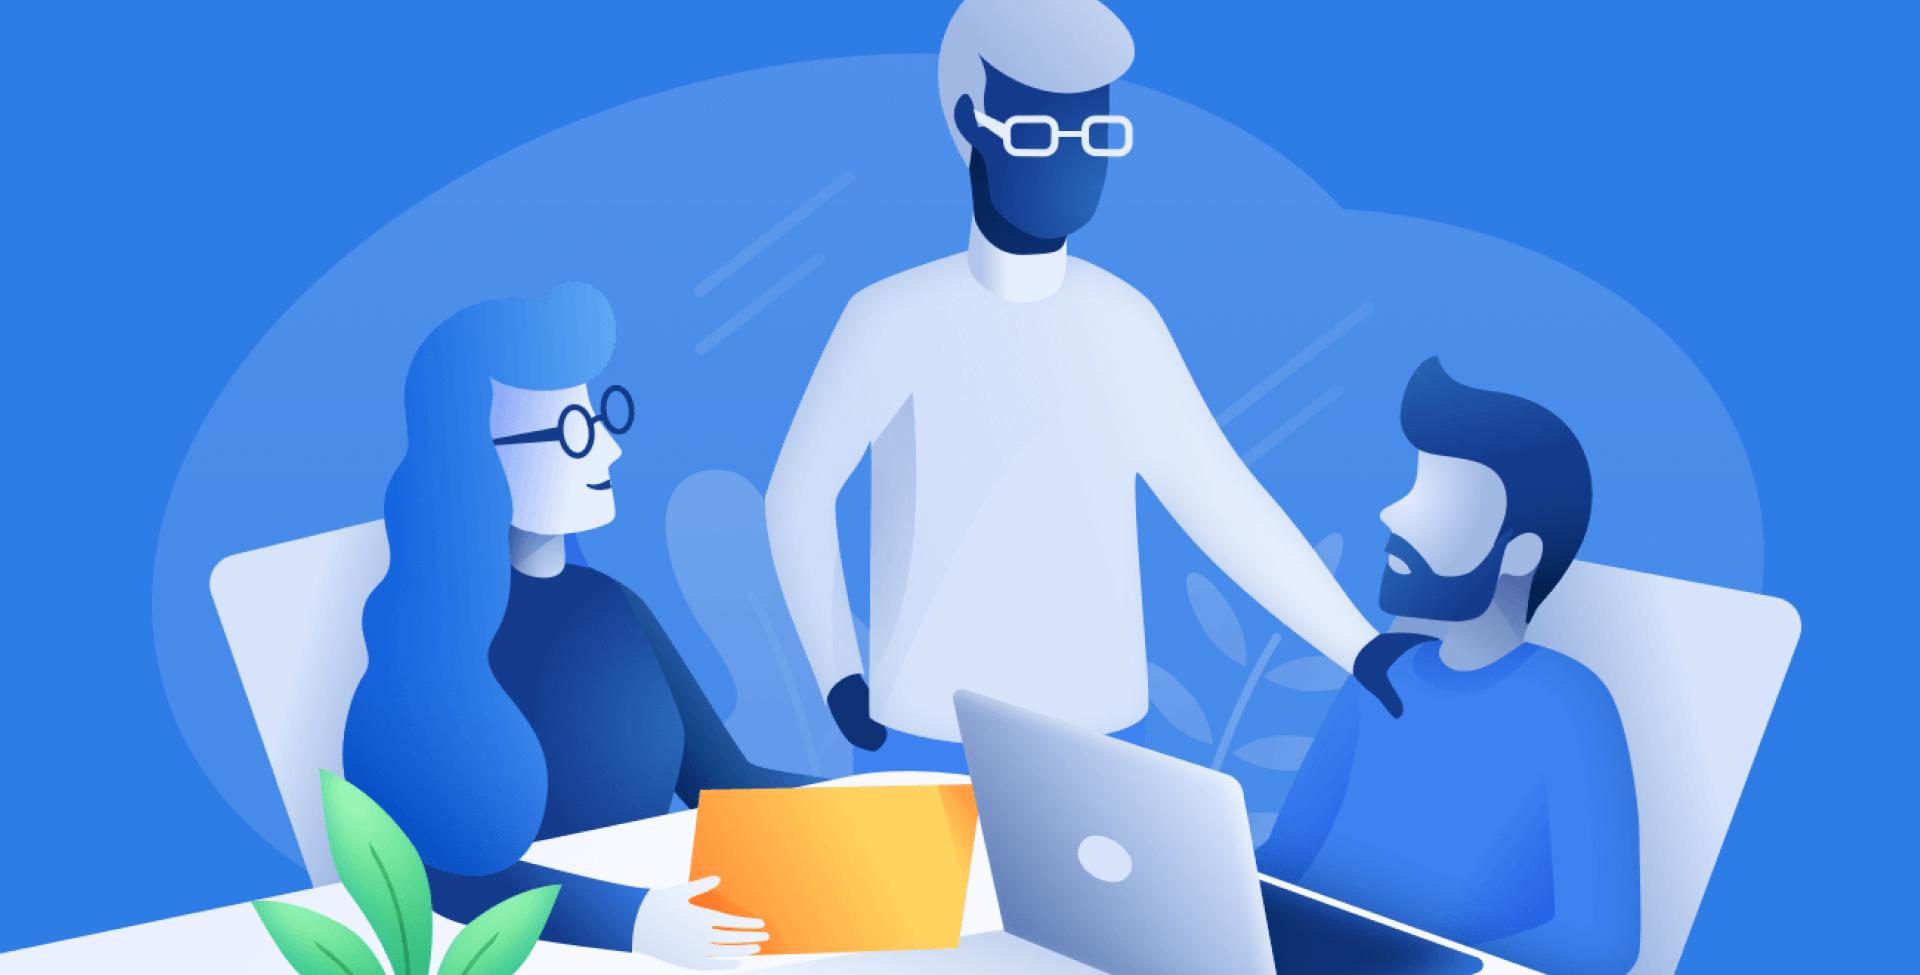 Полное руководство по социальным сетям которое понравится вашей команде